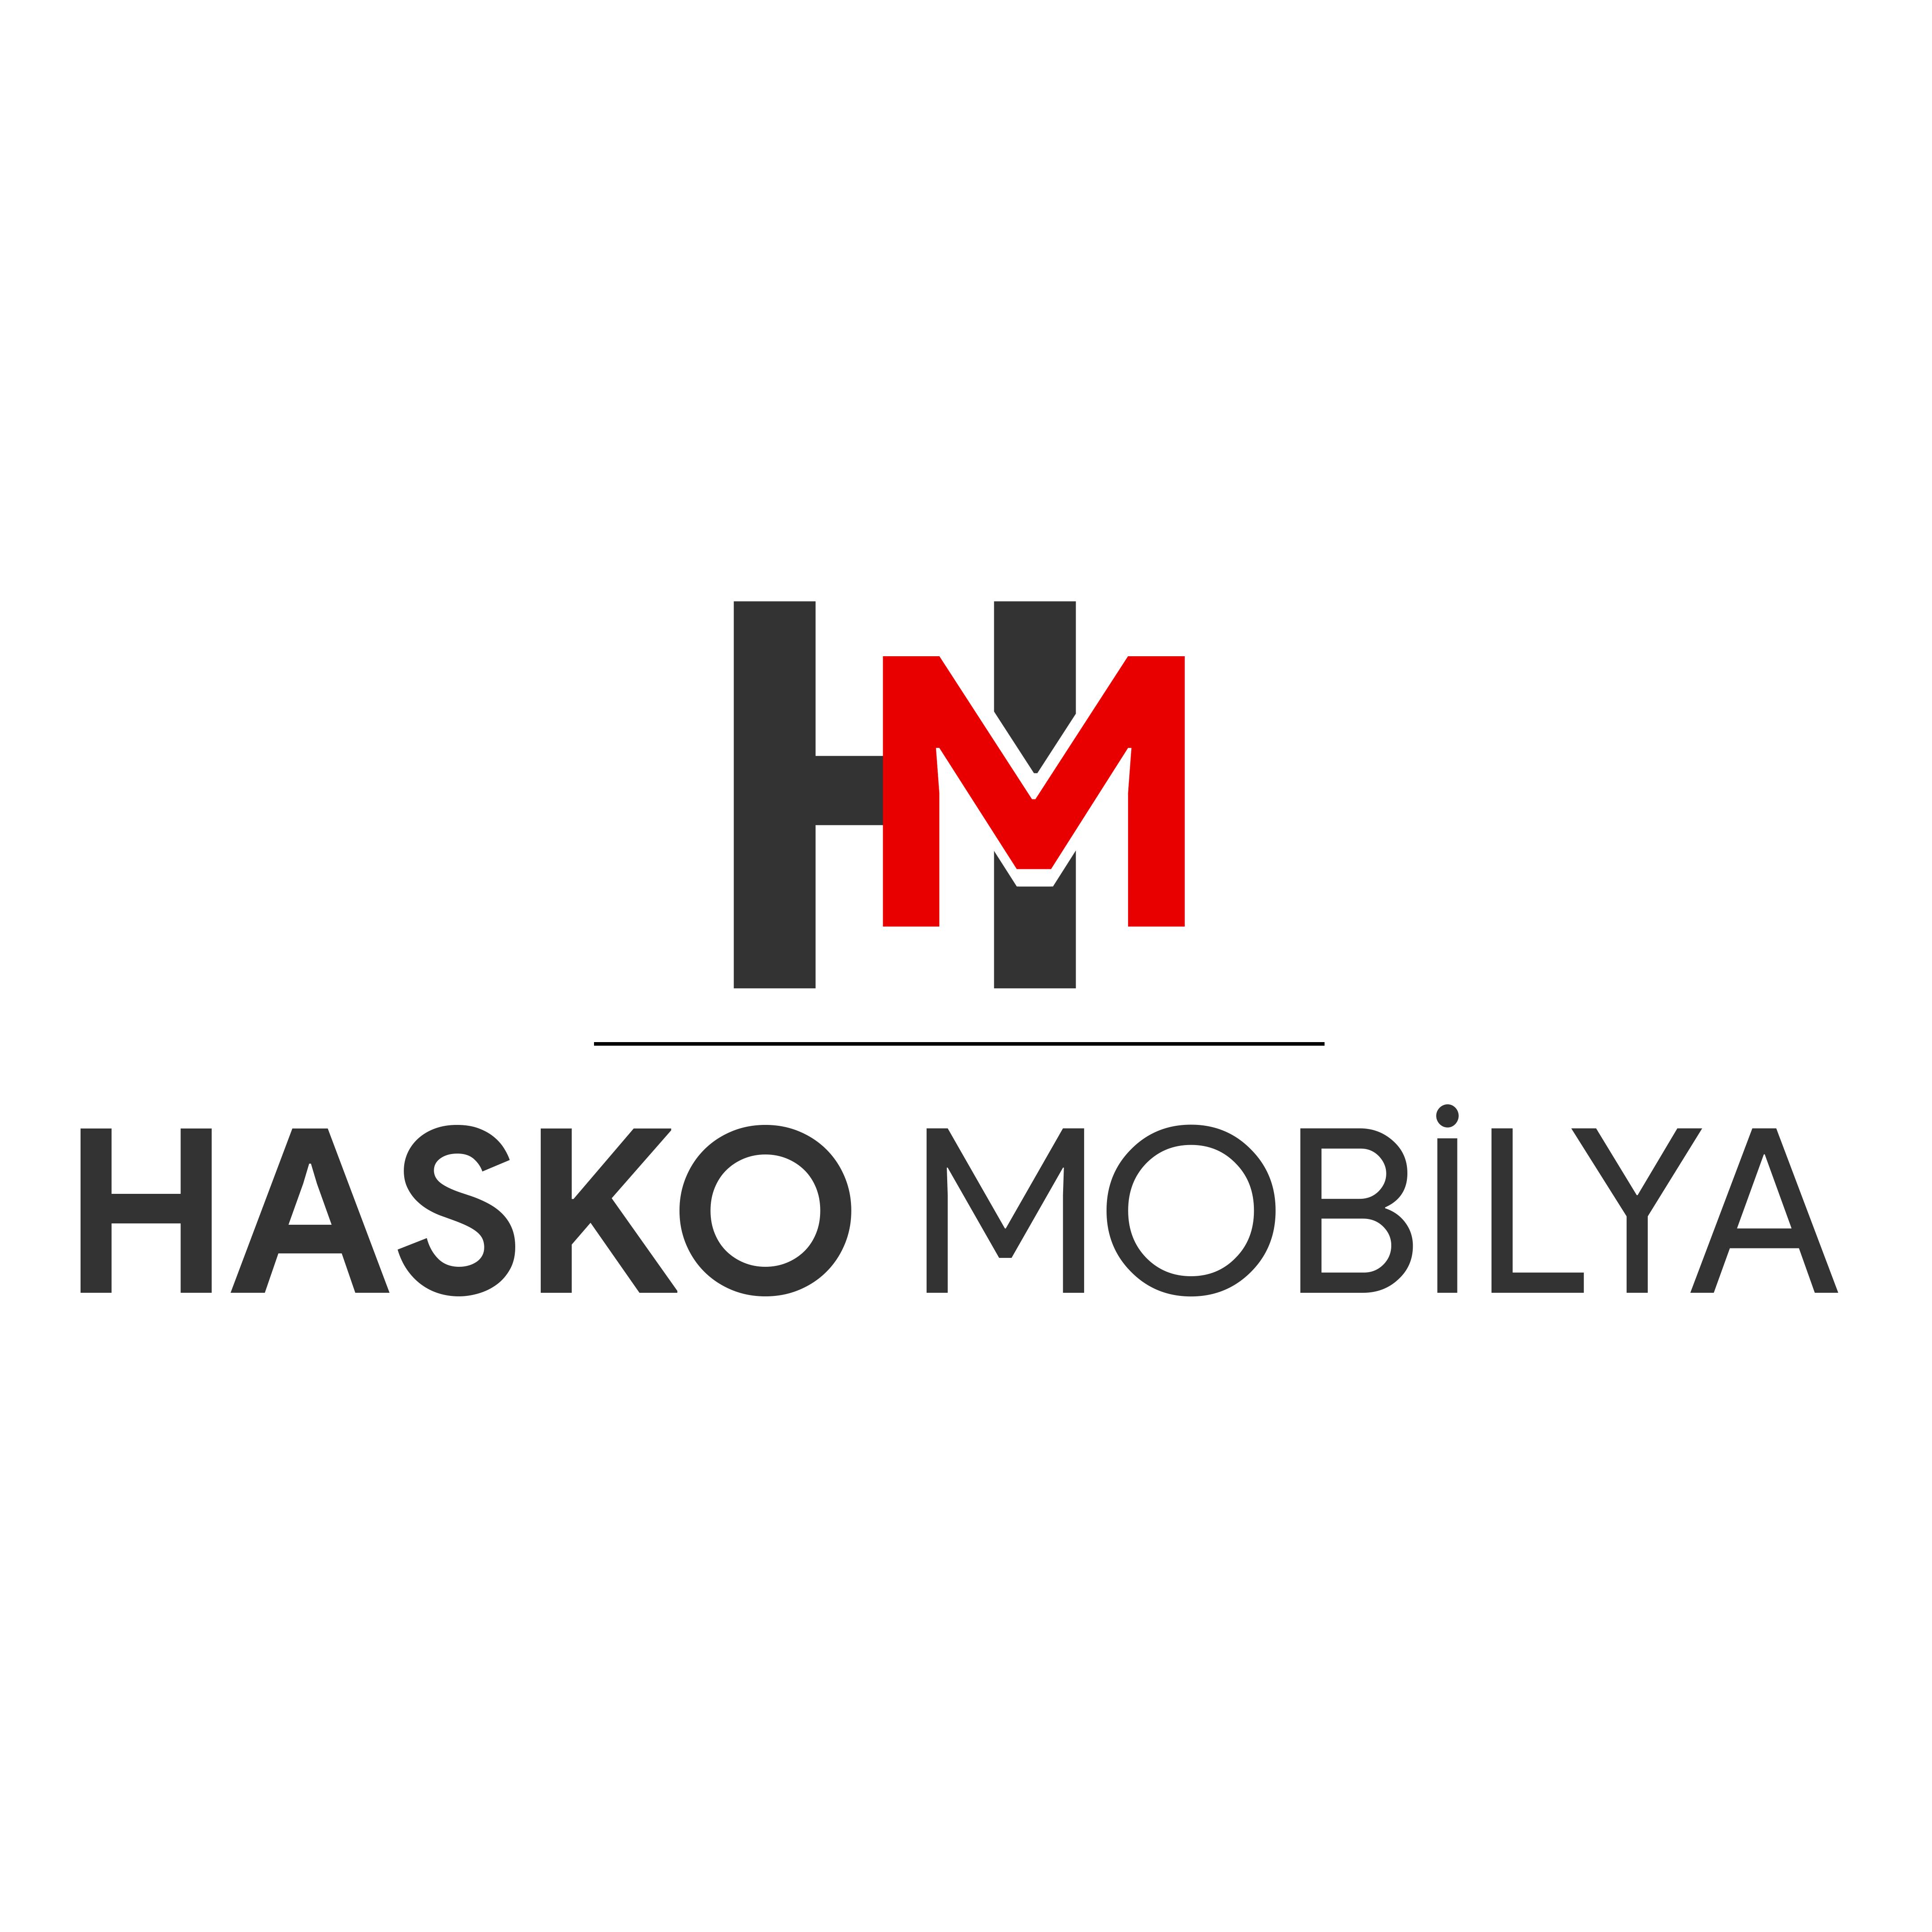 Hasko Mobilya